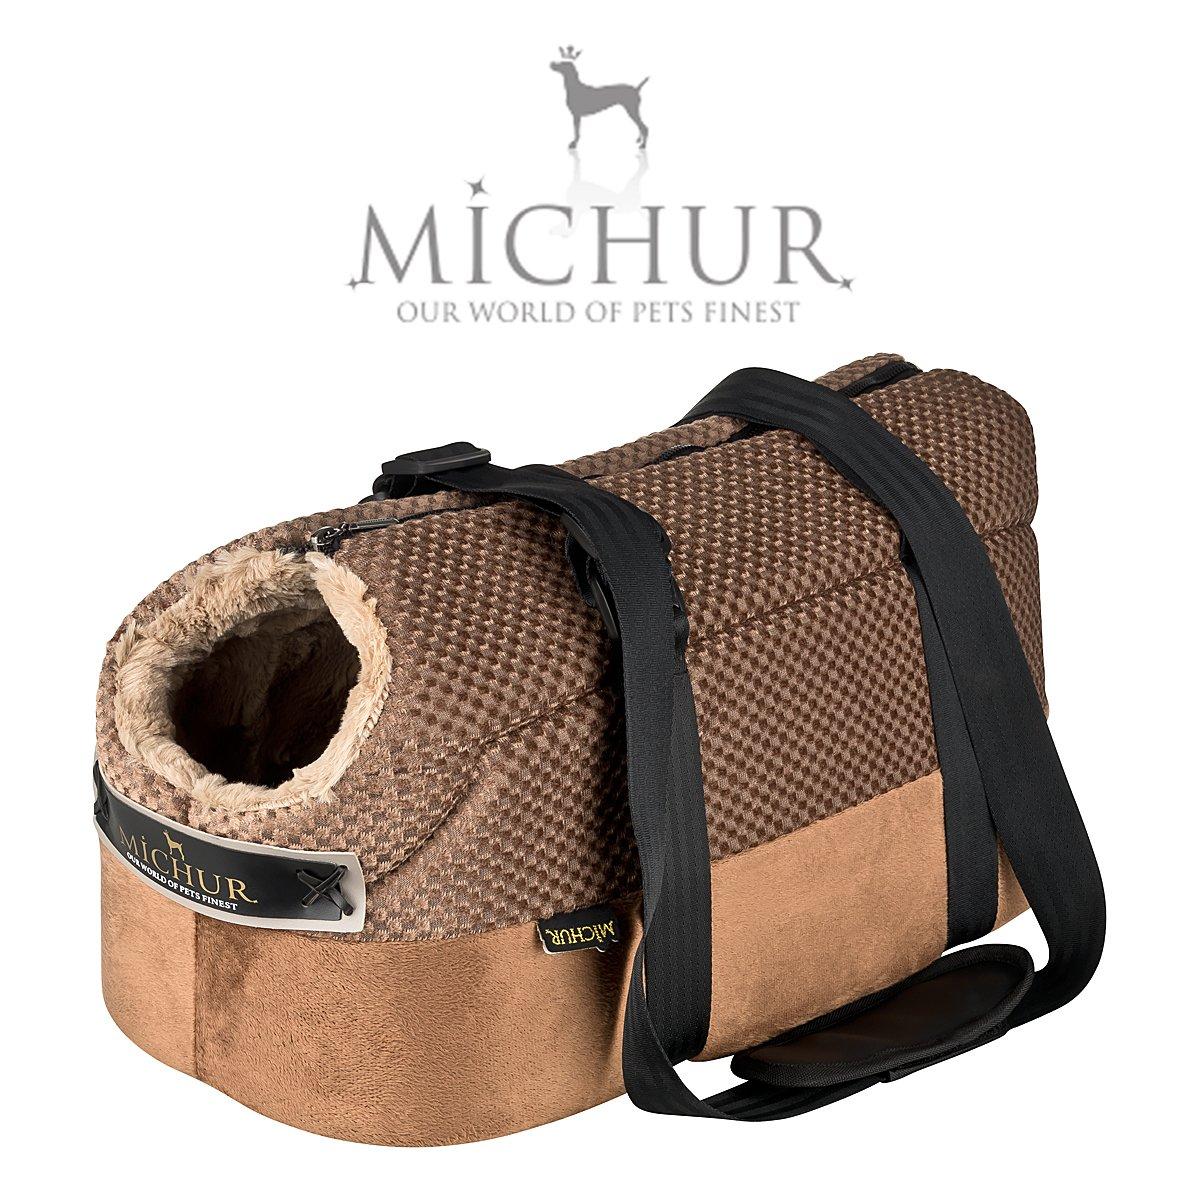 Mia - Sac de Transport pour Chien Style Sac à Main - Couleur : Marron Michur